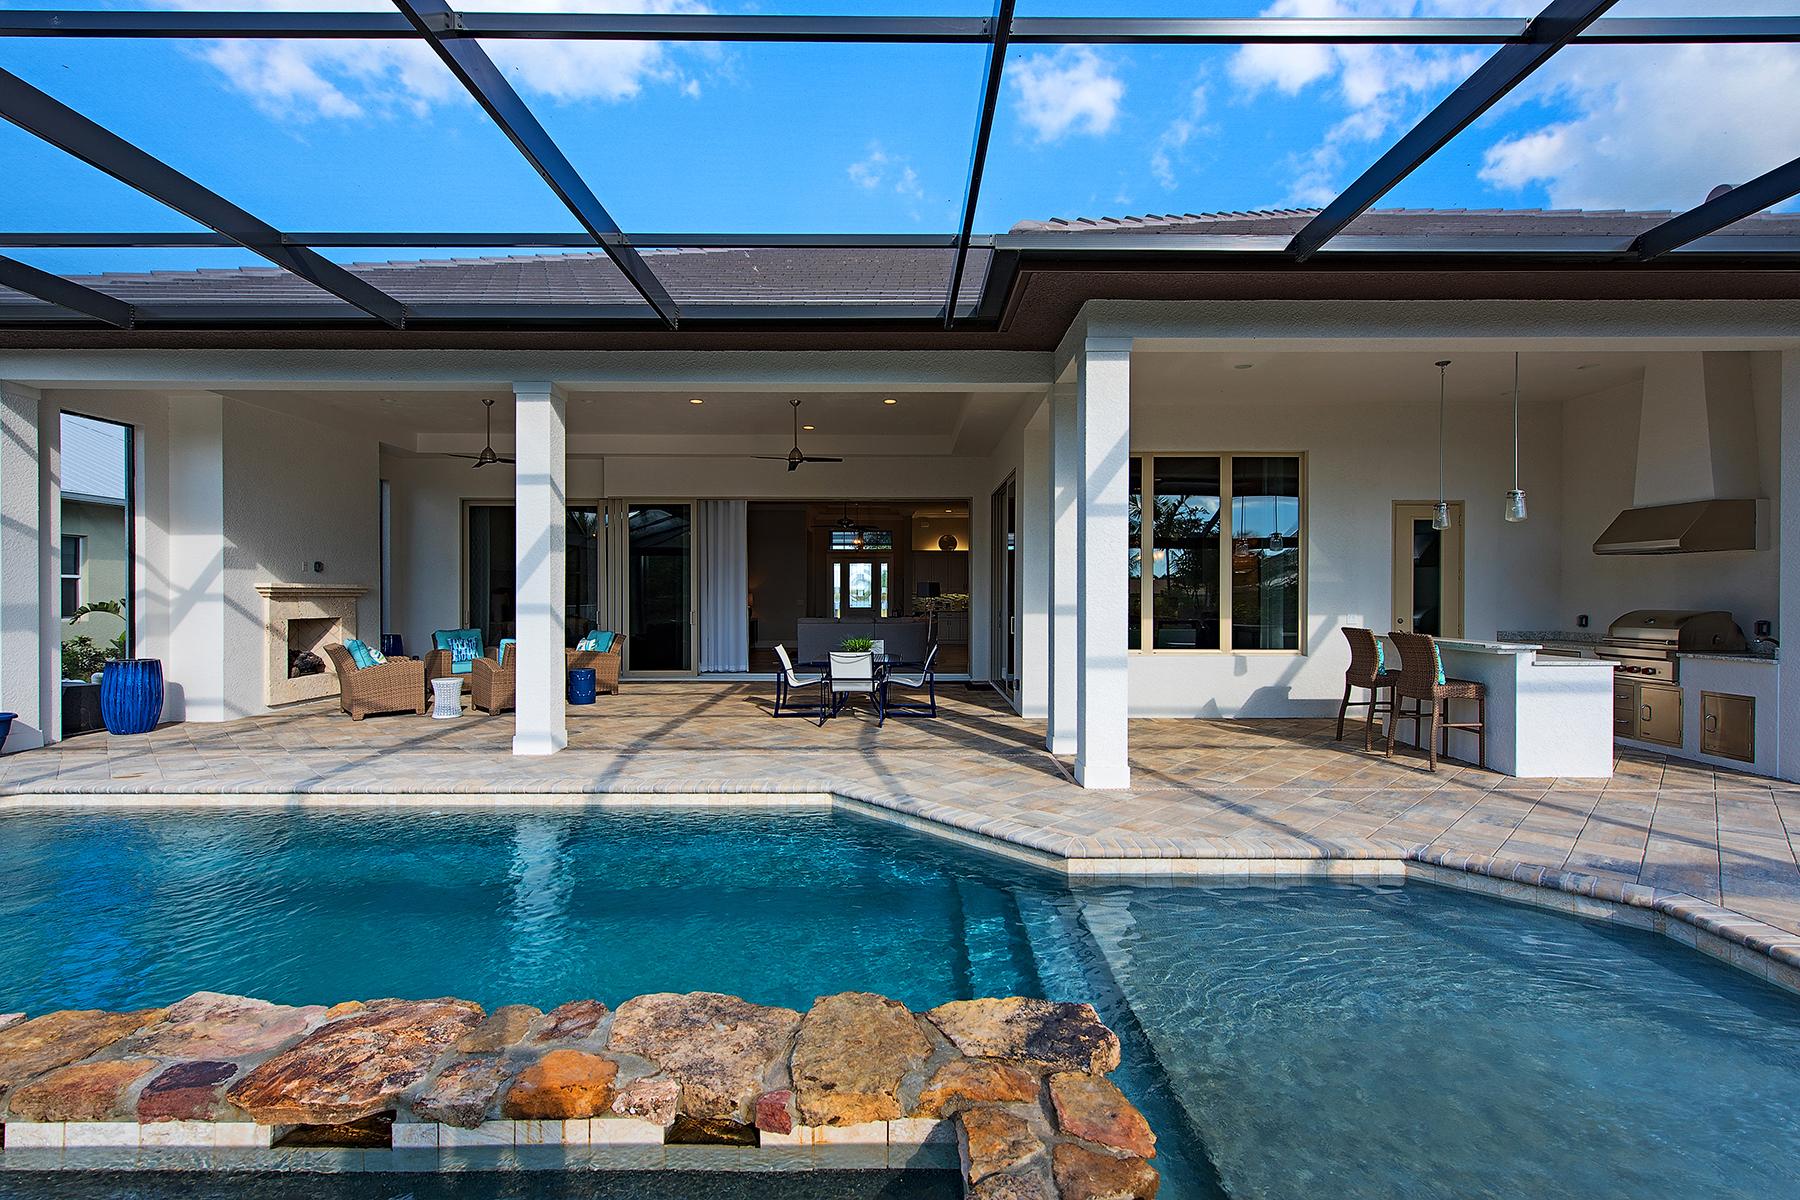 独户住宅 为 销售 在 PARROT CAY 14183 Charthouse Ct 那不勒斯, 佛罗里达州, 34114 美国